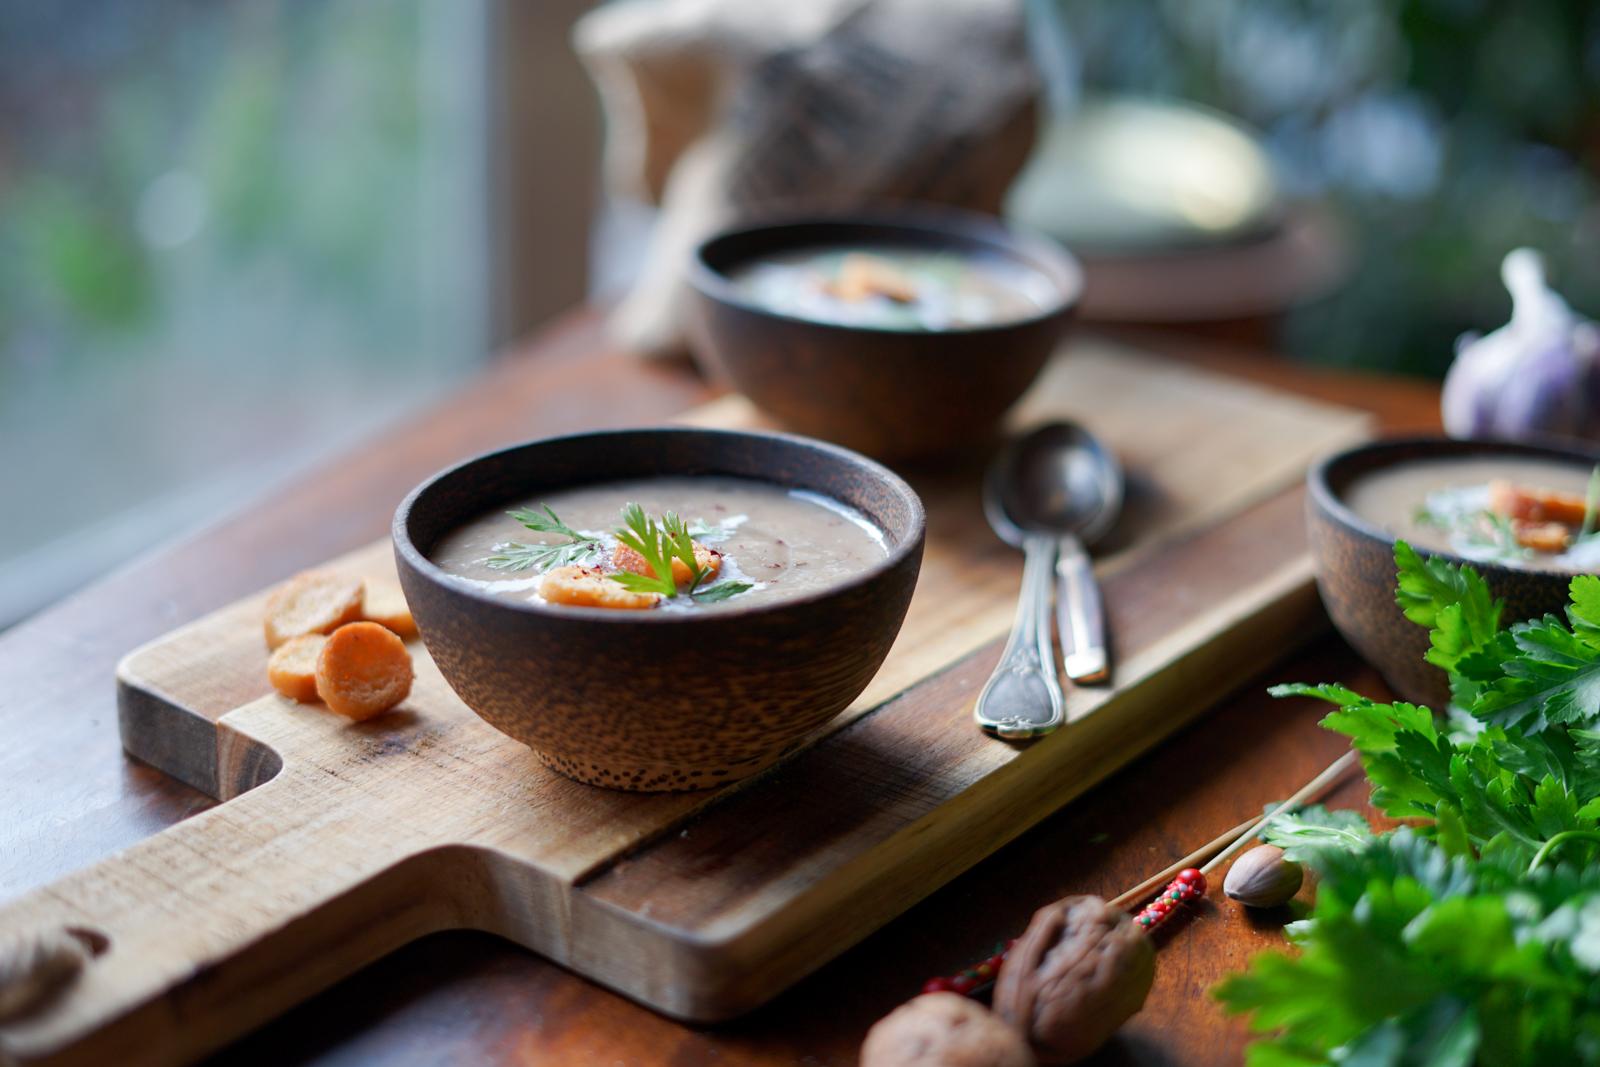 Soupe aux champignons - Les Pépites de Noisette